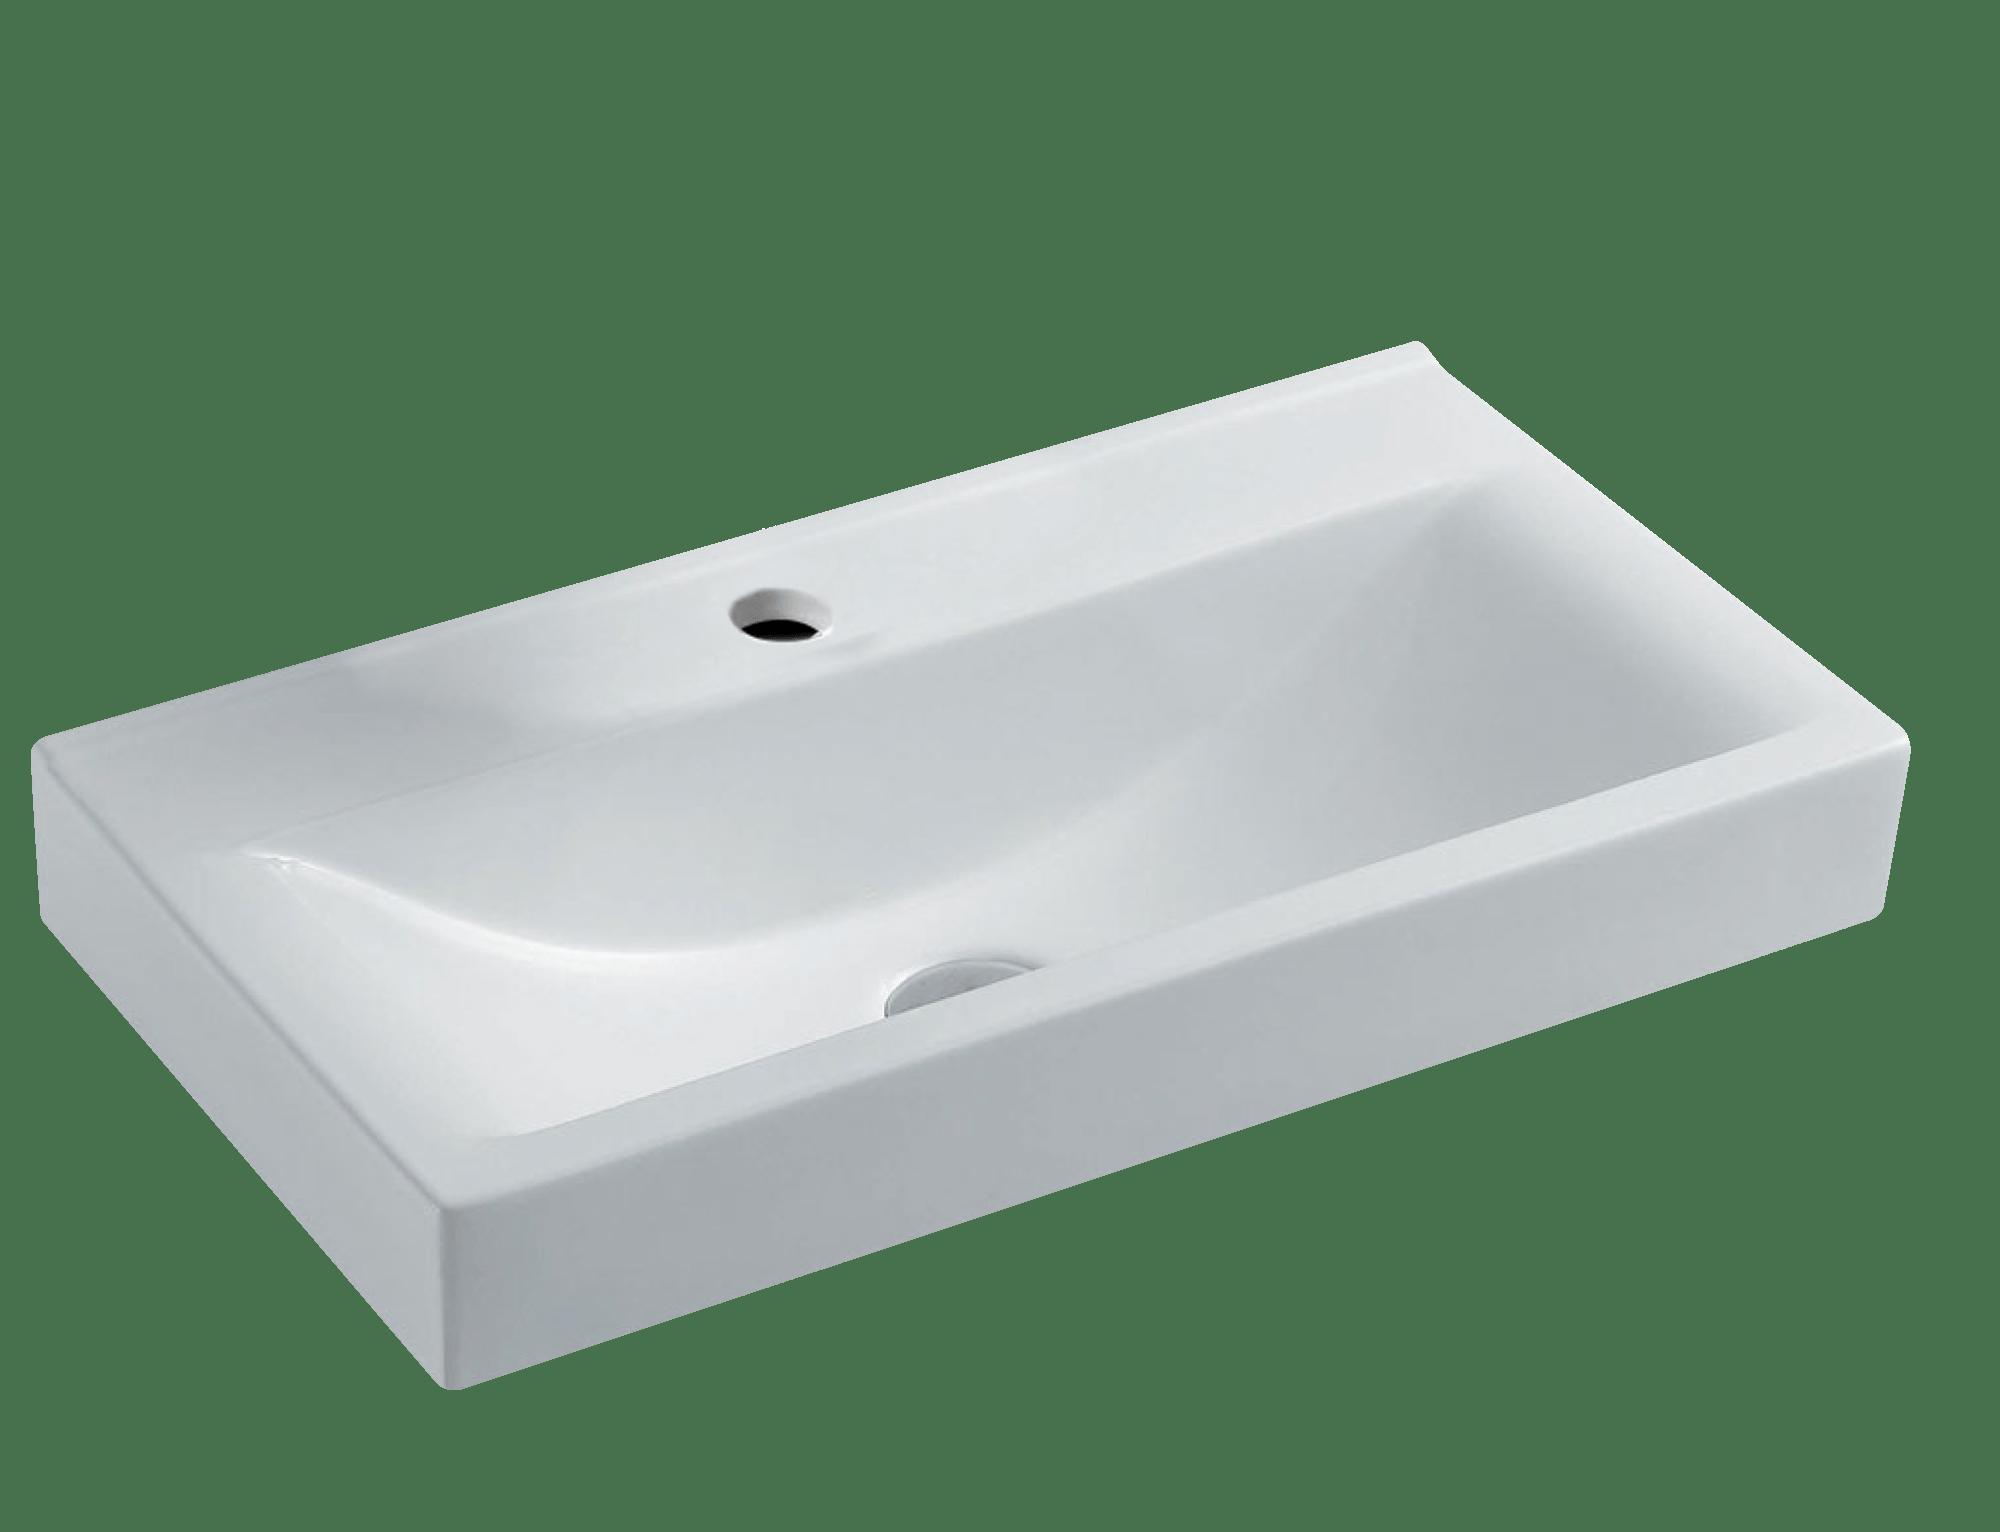 Sink Png Image Drop In Sink Sink Bathroom